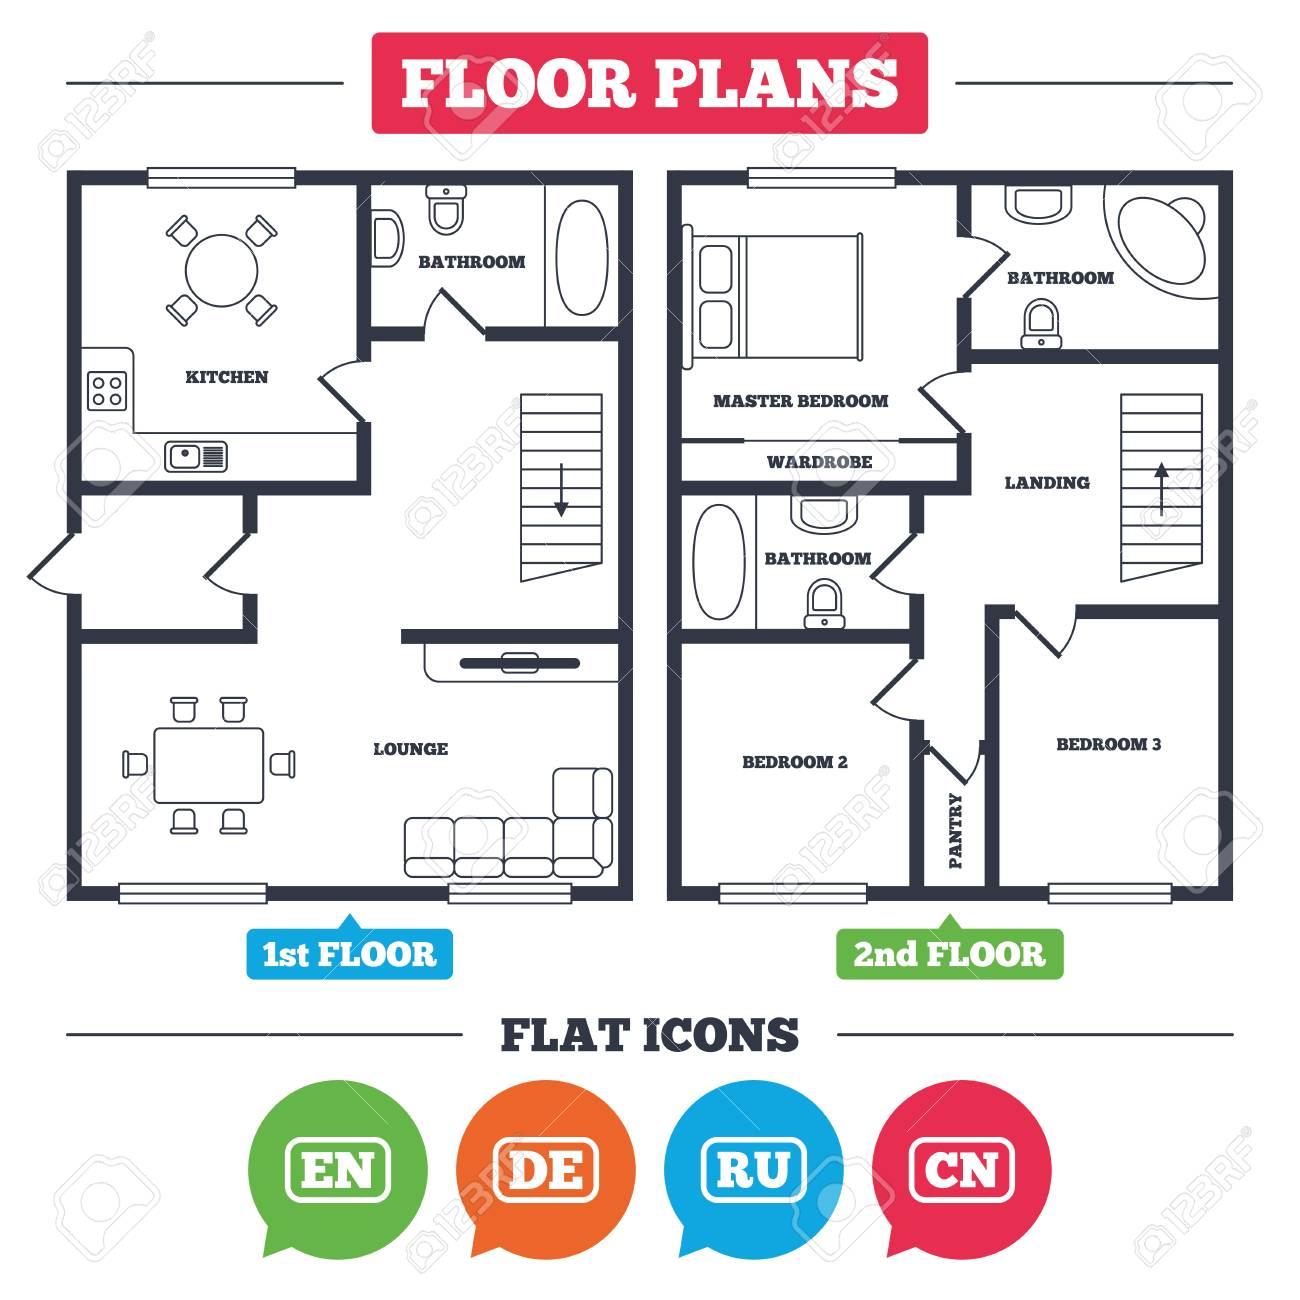 Architekturplan Mit Möbeln Grundriss Des Hauses Sprachsymbole